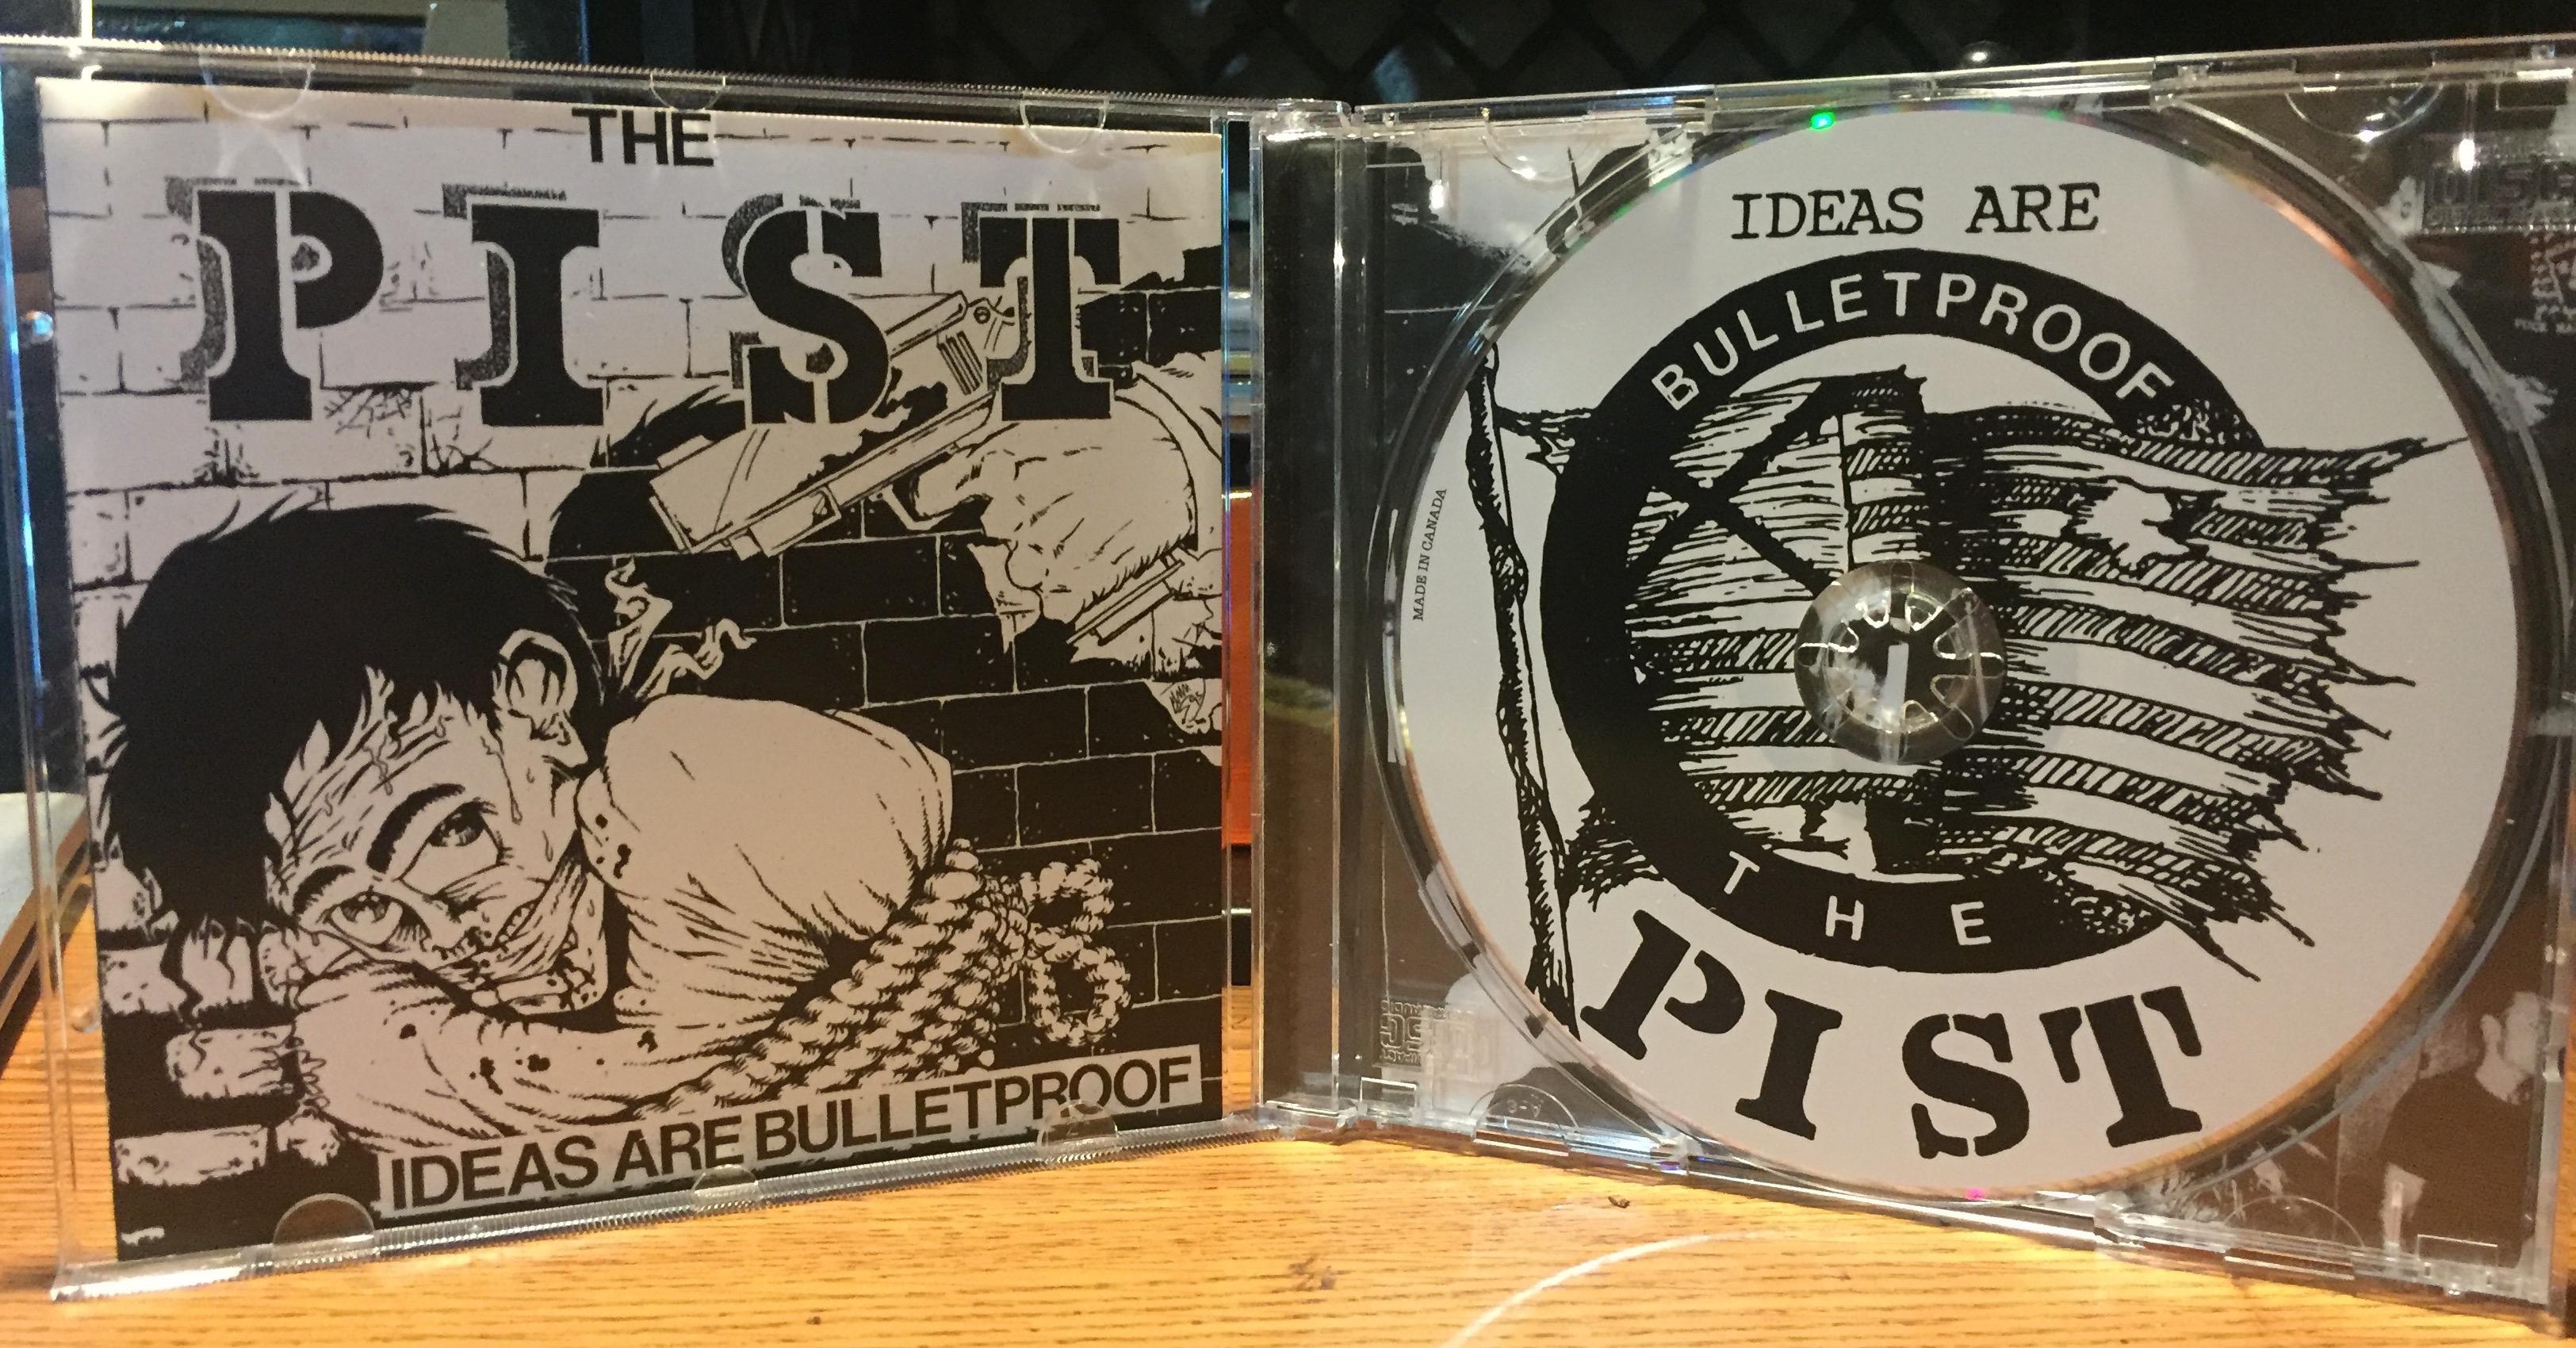 THE PIST -